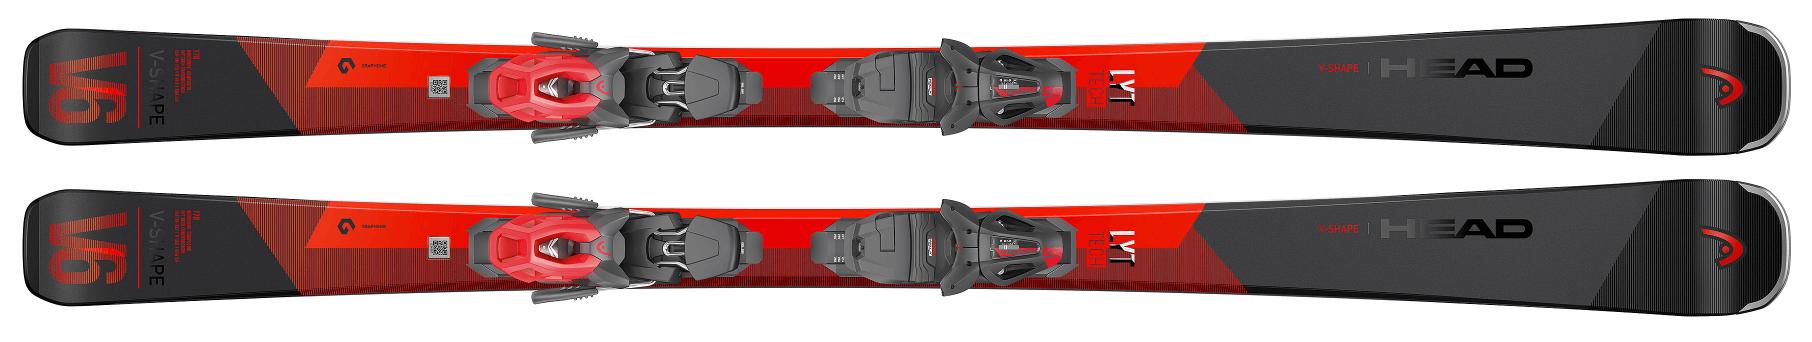 narty head v-shape v6 2021